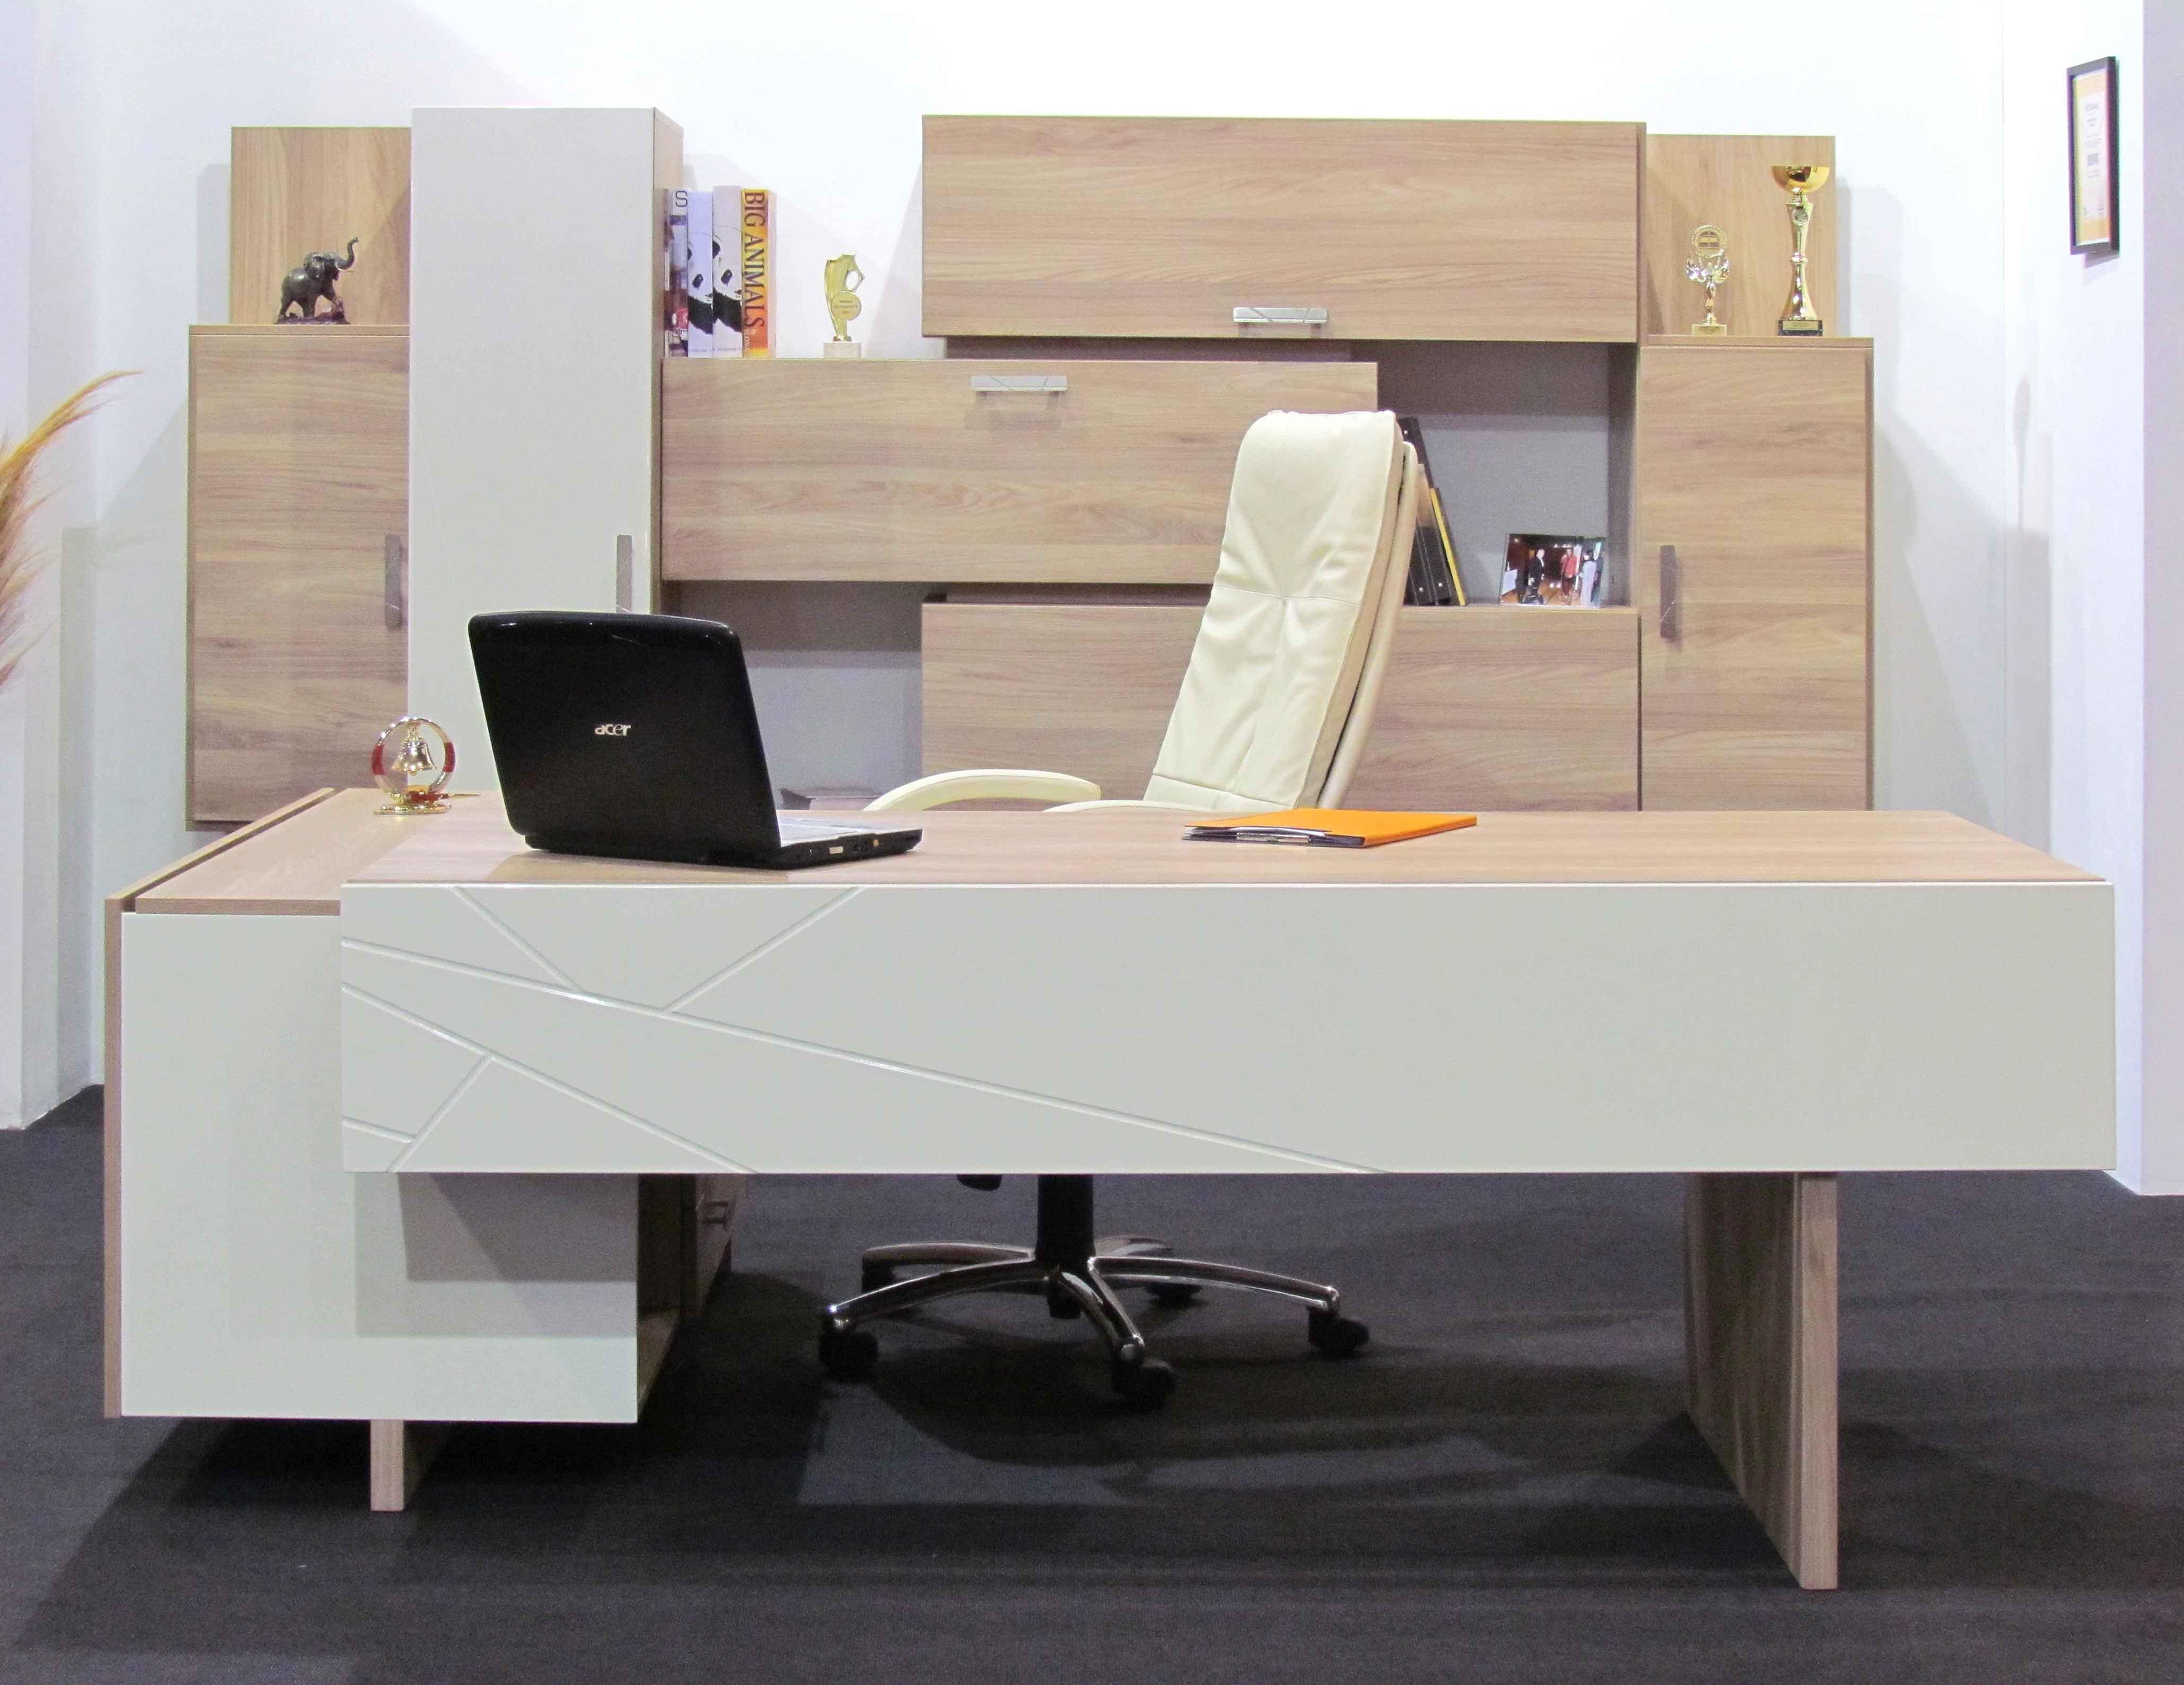 Ensemble de meubles pour bureau design 30 0 400 0 pi ces for Ensemble meuble bureau